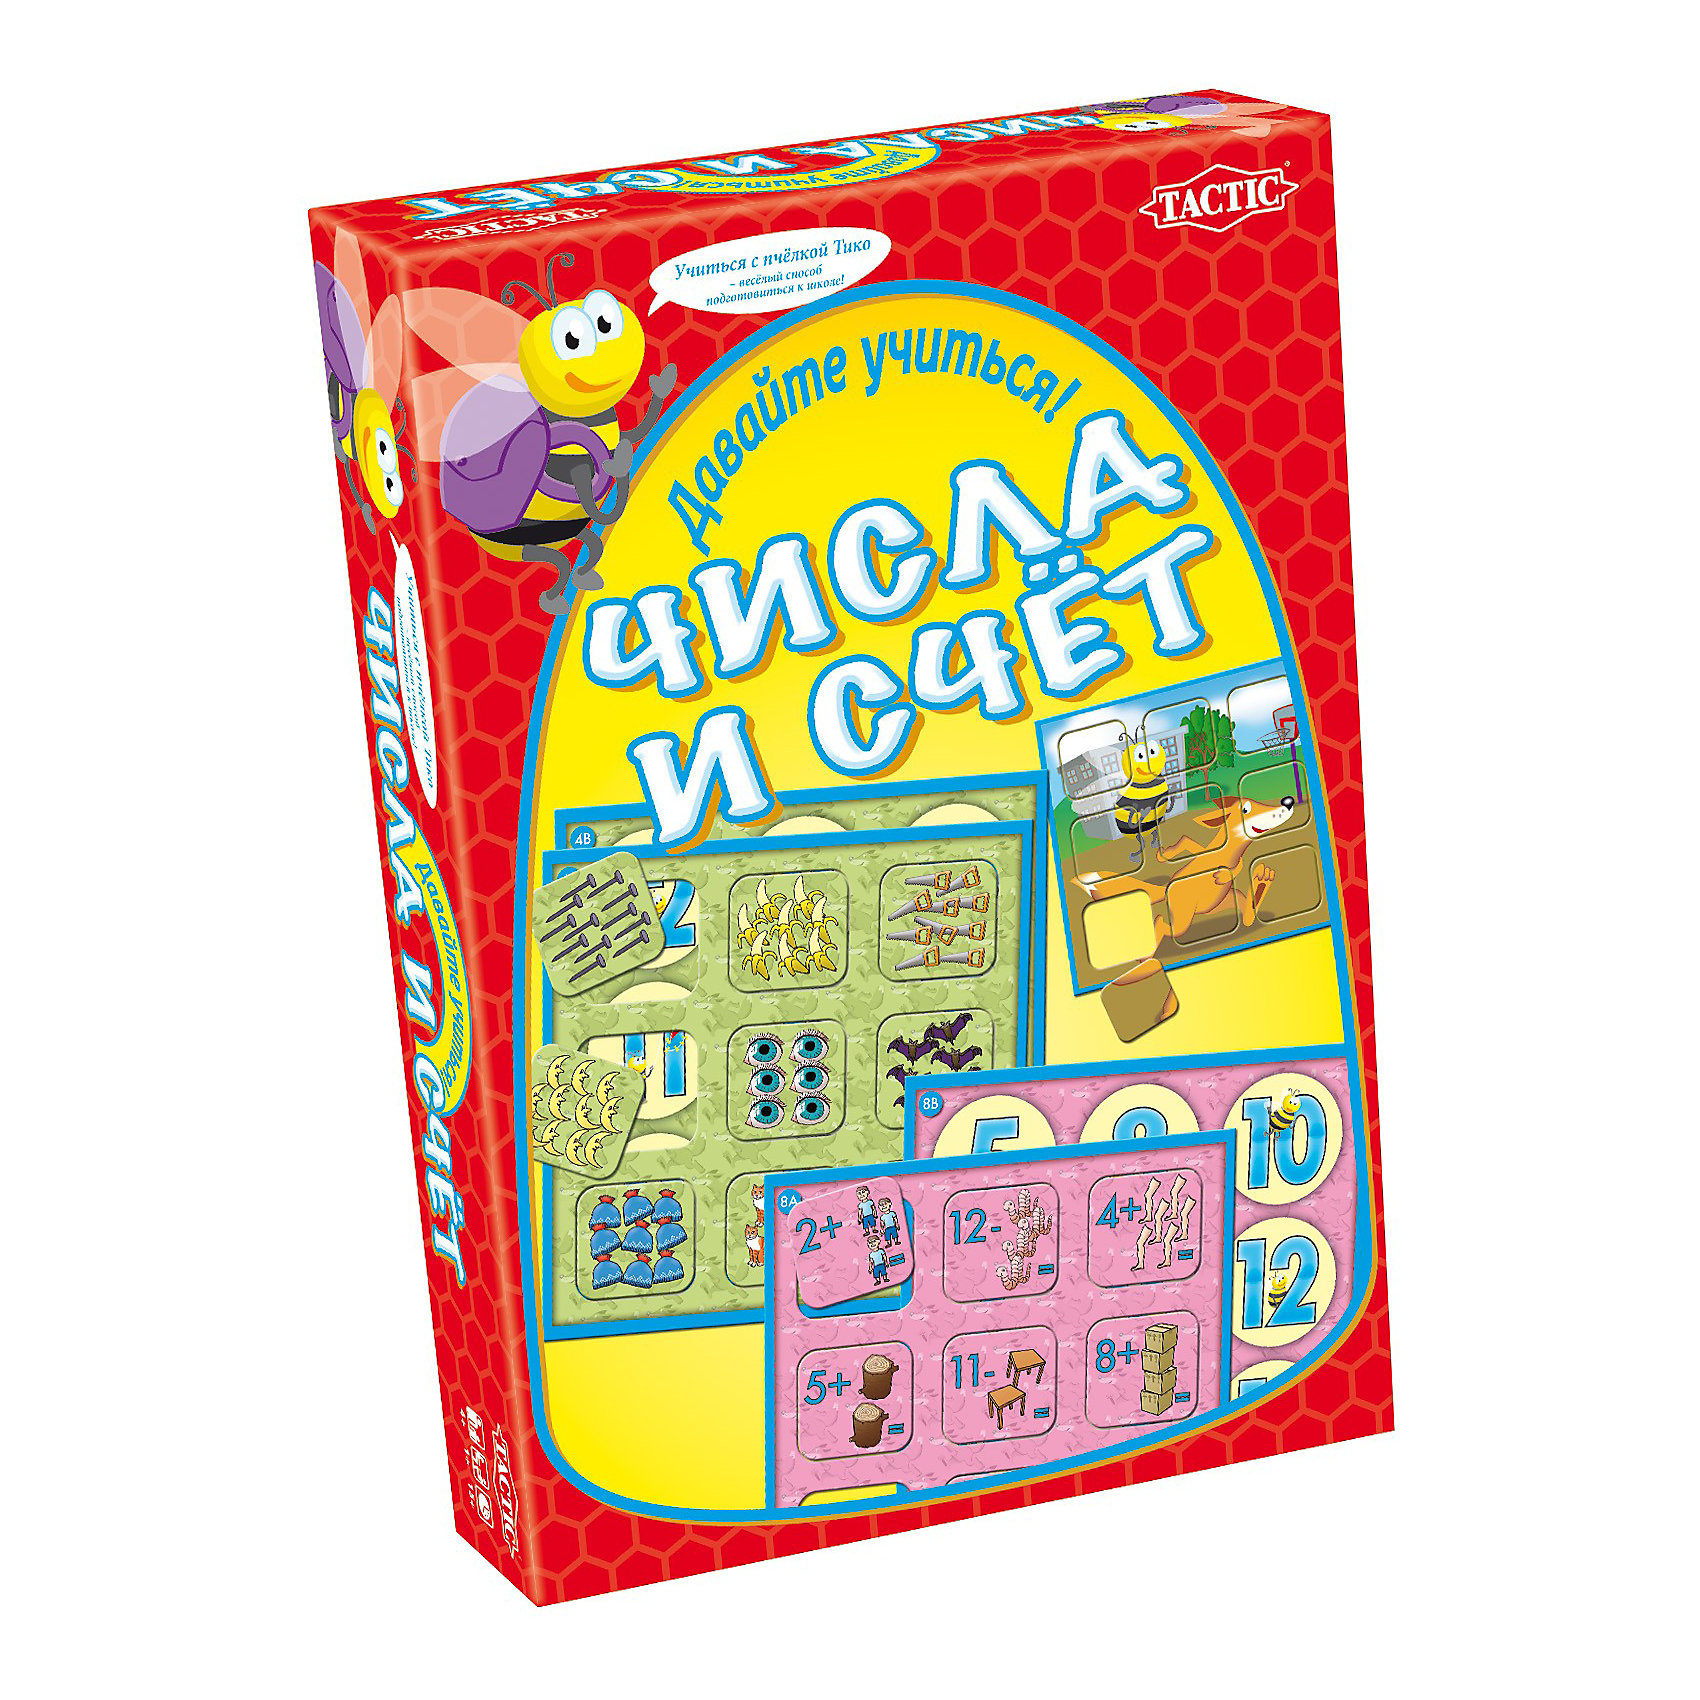 Учим цифры, Tactic GamesИгра «Учим цифры» от прекрасно подойдет для детей, которые хотят освоить цифры и основы счета. В игре представлены 72 карточки с заданиями разной сложности. Есть задания, в которых малыш познакомится с цифрами от 1 до 12, а есть и более сложные задания, в которых нужно использовать простейшие арифметические операции – сложение и вычитание. Суть игры – решать математические задачки для самых маленьких и ставить элементы на игровое поле. Выигрывает игрок, решивший наибольшее количество задачек правильно. Игра научит детей основам счета и основным арифметическим действиям. Ребенок в легкой и доступной форме освоит счет. Кроме того, в процессе игры происходит развитие памяти и внимания, ребенок учится концентрировать свои мысли на главном. Дайте своему малышу возможность выучить цифры играючи!<br><br>Ширина мм: 192<br>Глубина мм: 265<br>Высота мм: 42<br>Вес г: 508<br>Возраст от месяцев: 48<br>Возраст до месяцев: 84<br>Пол: Унисекс<br>Возраст: Детский<br>SKU: 2470679